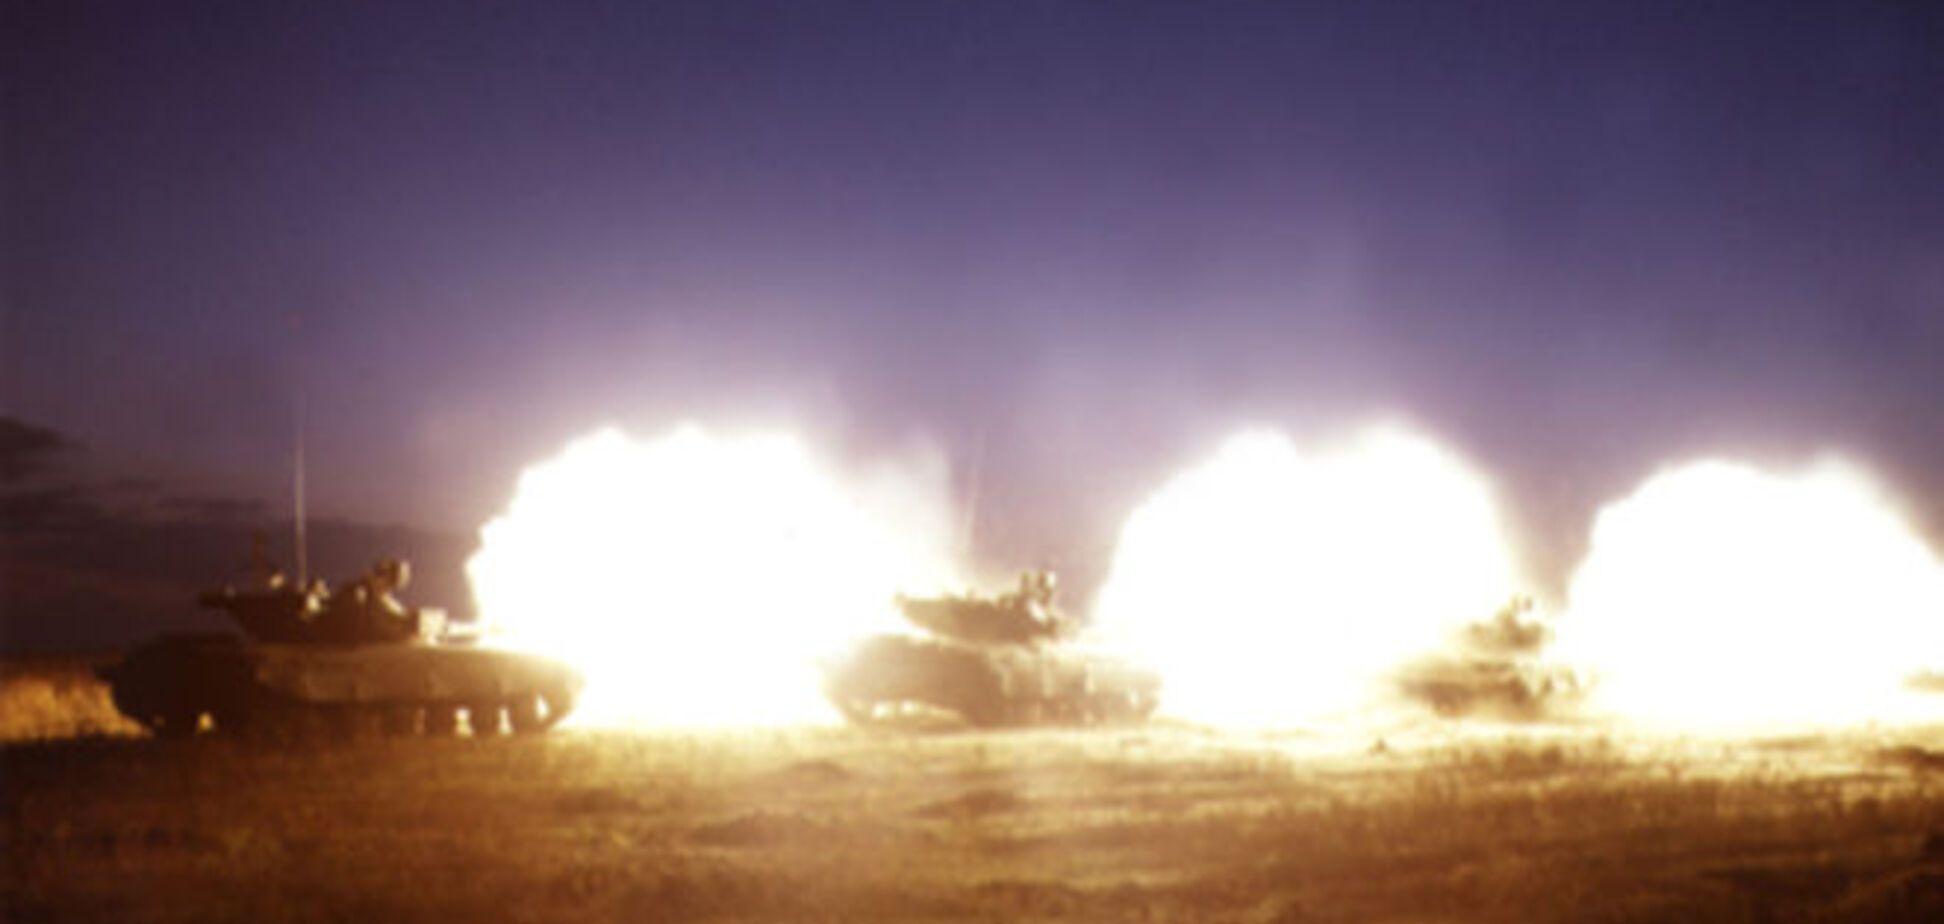 Ночью бронегруппа террористов атаковала позиции сил АТО в Марьинке